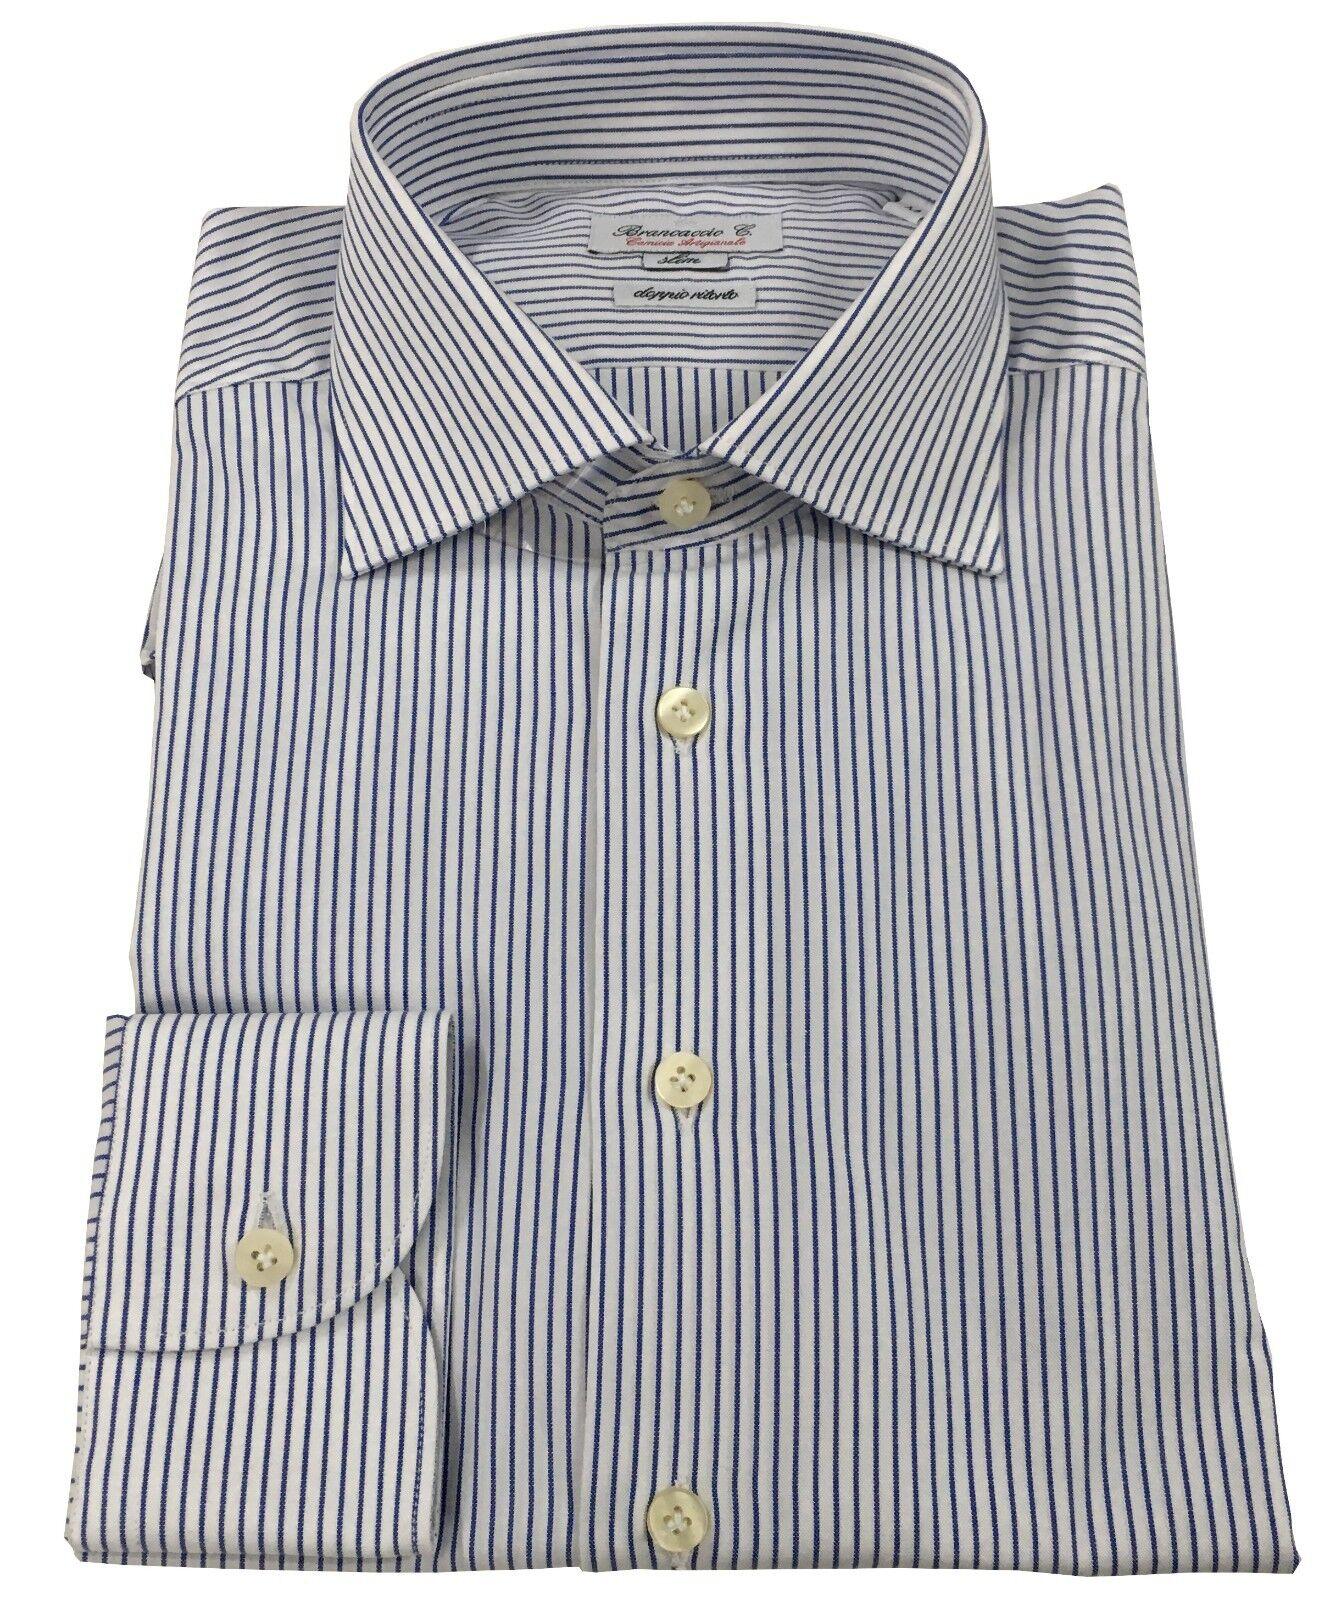 BRANCACCIO camicia uomo bianco blu 100 % cotone doppio ritorto vestibilità slim